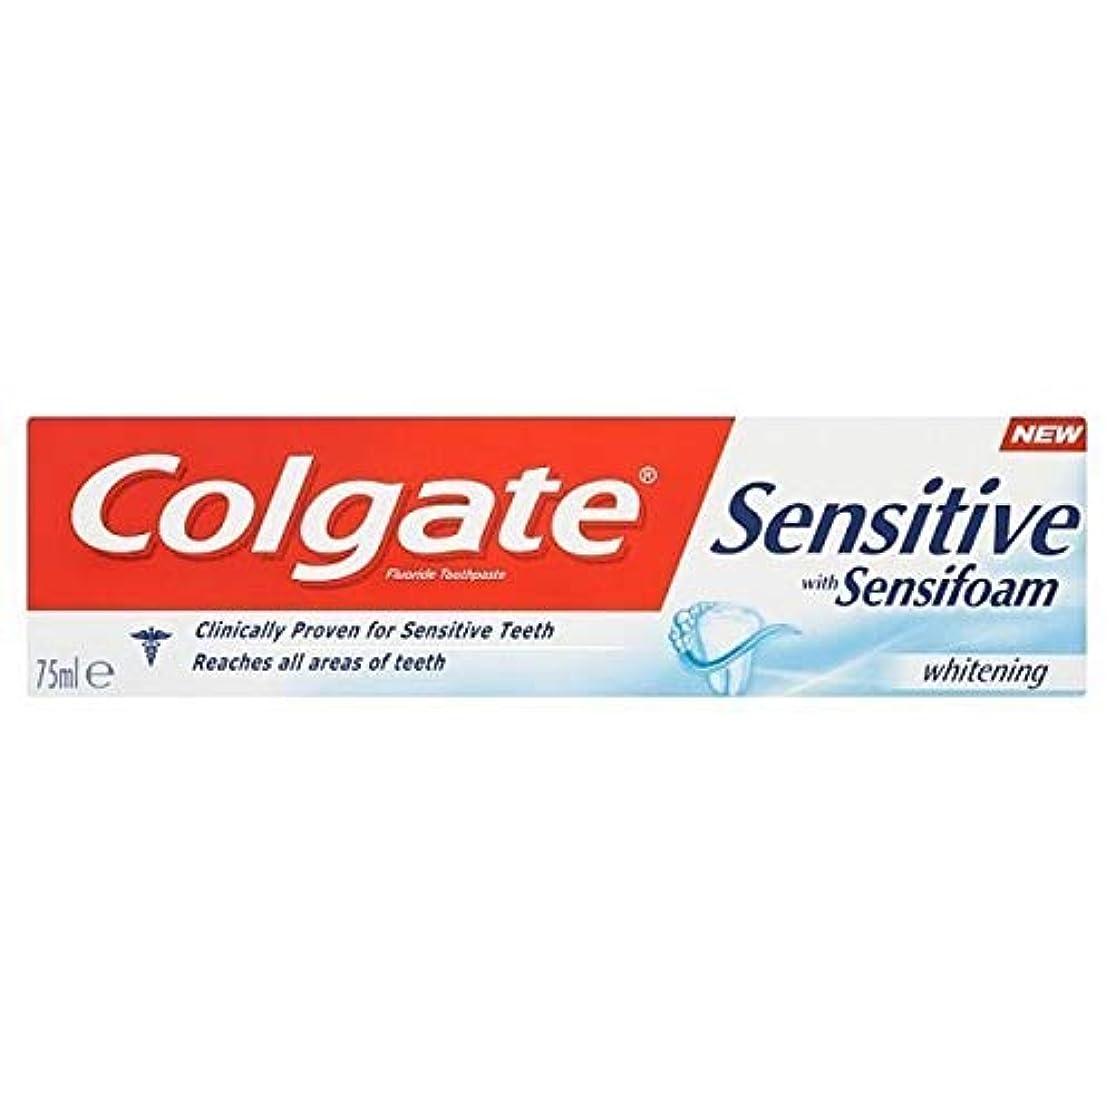 蘇生する入力アラーム[Colgate ] Sensifoamホワイトニング歯磨き粉75ミリリットルと敏感コルゲート - Colgate Sensitive with Sensifoam Whitening Toothpaste 75ml [...